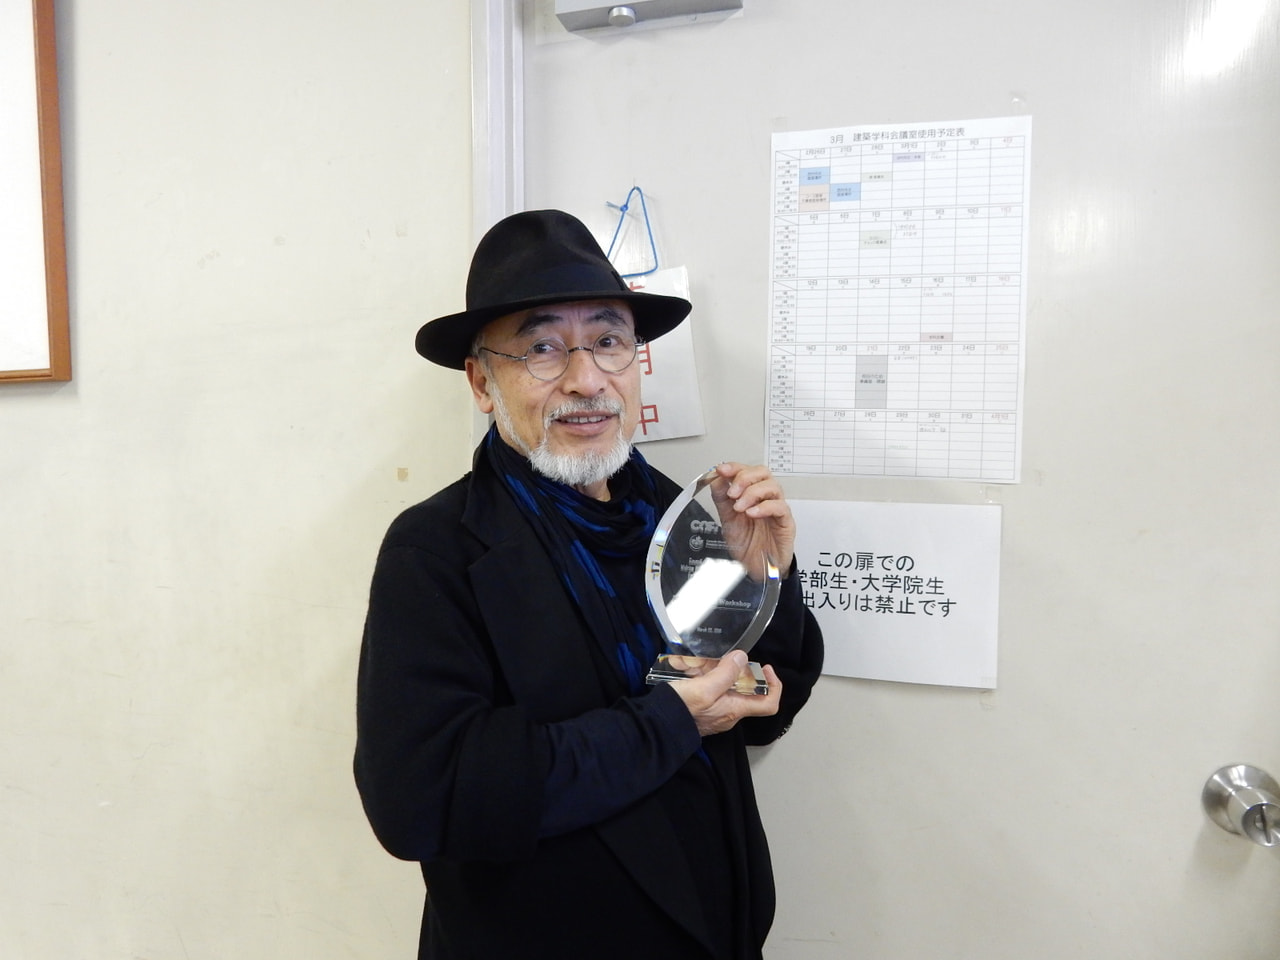 竹原先生が「COFI中層木造デザインアワード」を受賞されました